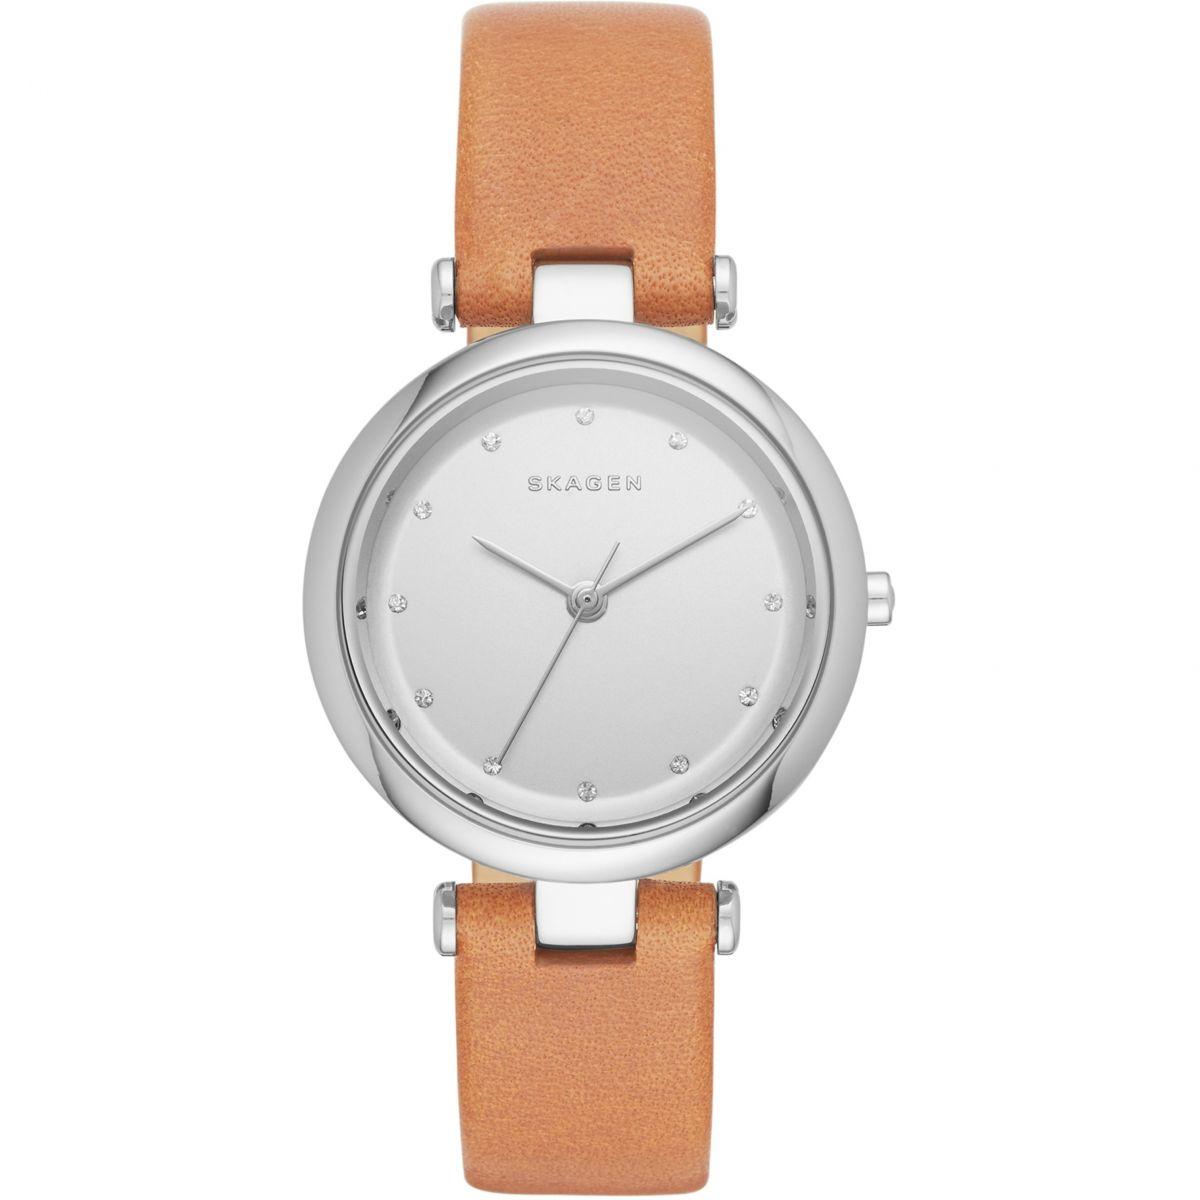 Montre Skagen pour femme avec bracelet en cuir marron modèle Tanja SK2455